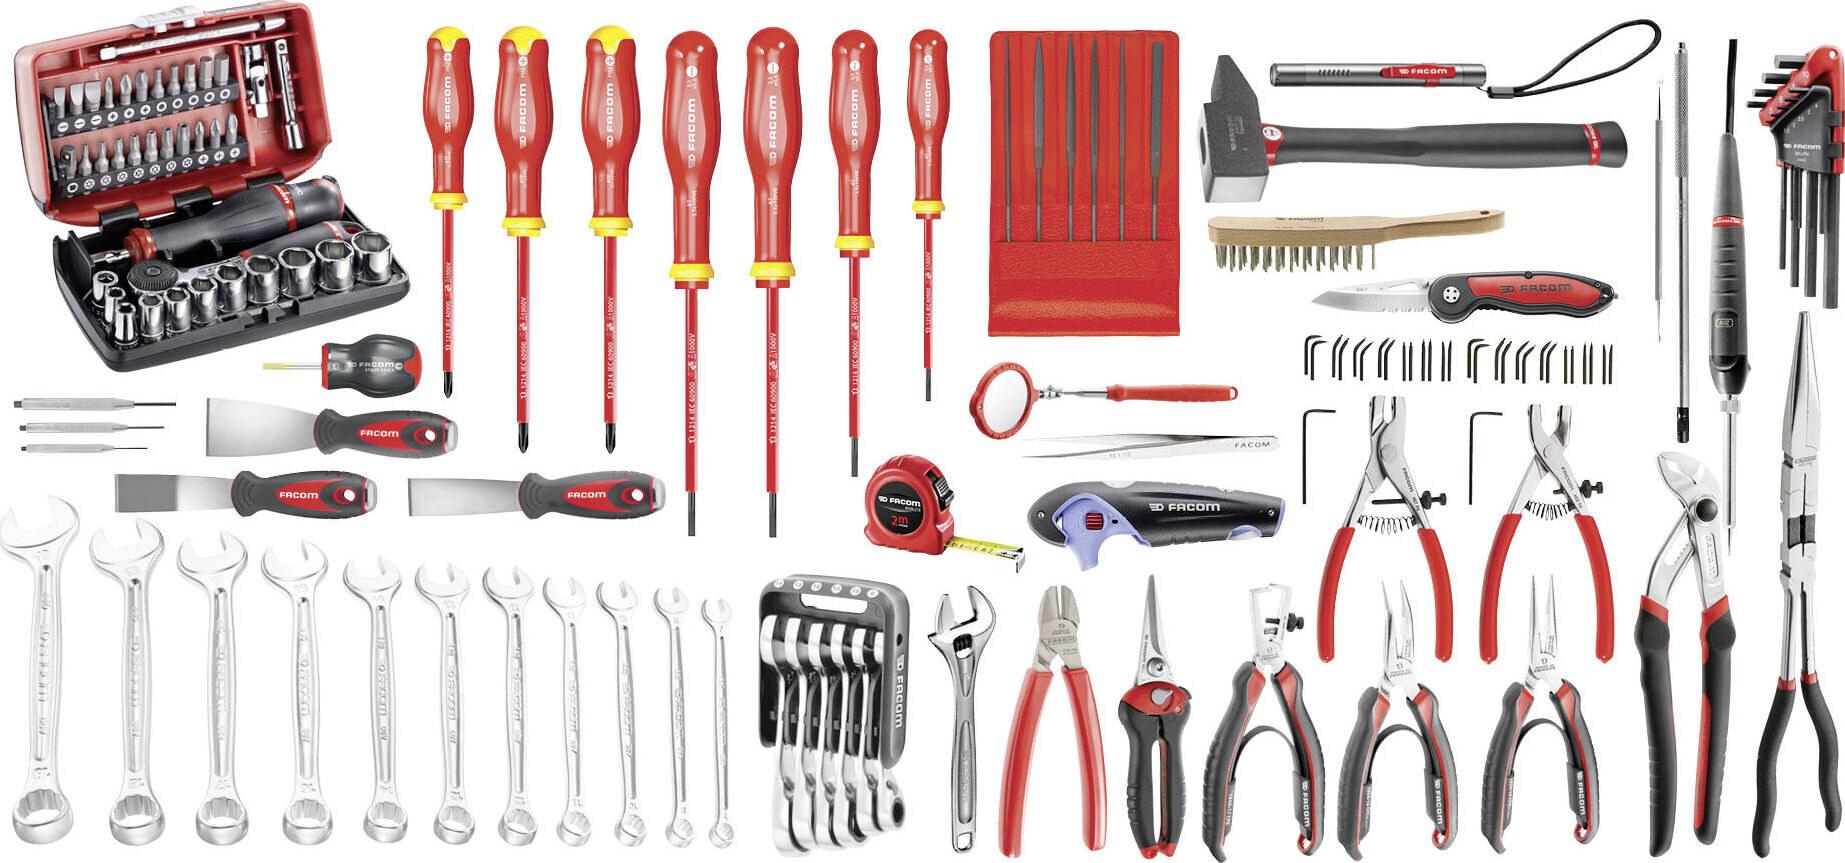 FACOM Set Elektromechanik 105-tlg | 30,000 Tools at Tools-Giant Online Shop